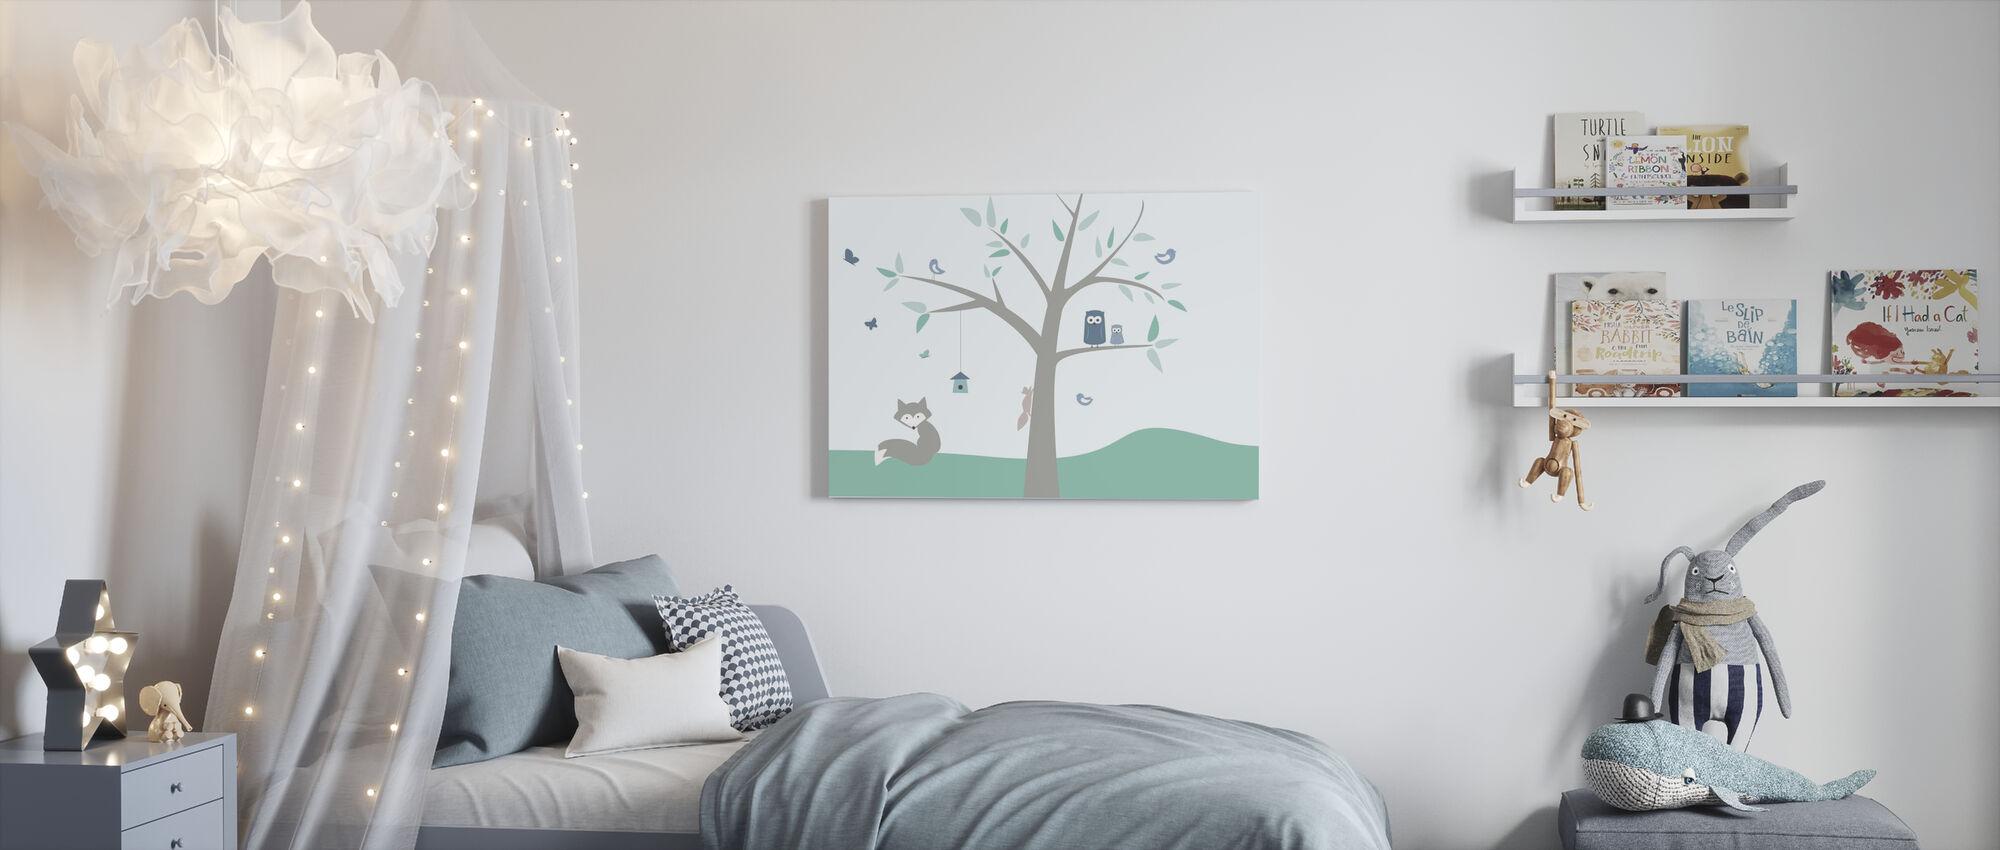 Dierenboom - groen - Canvas print - Kinderkamer